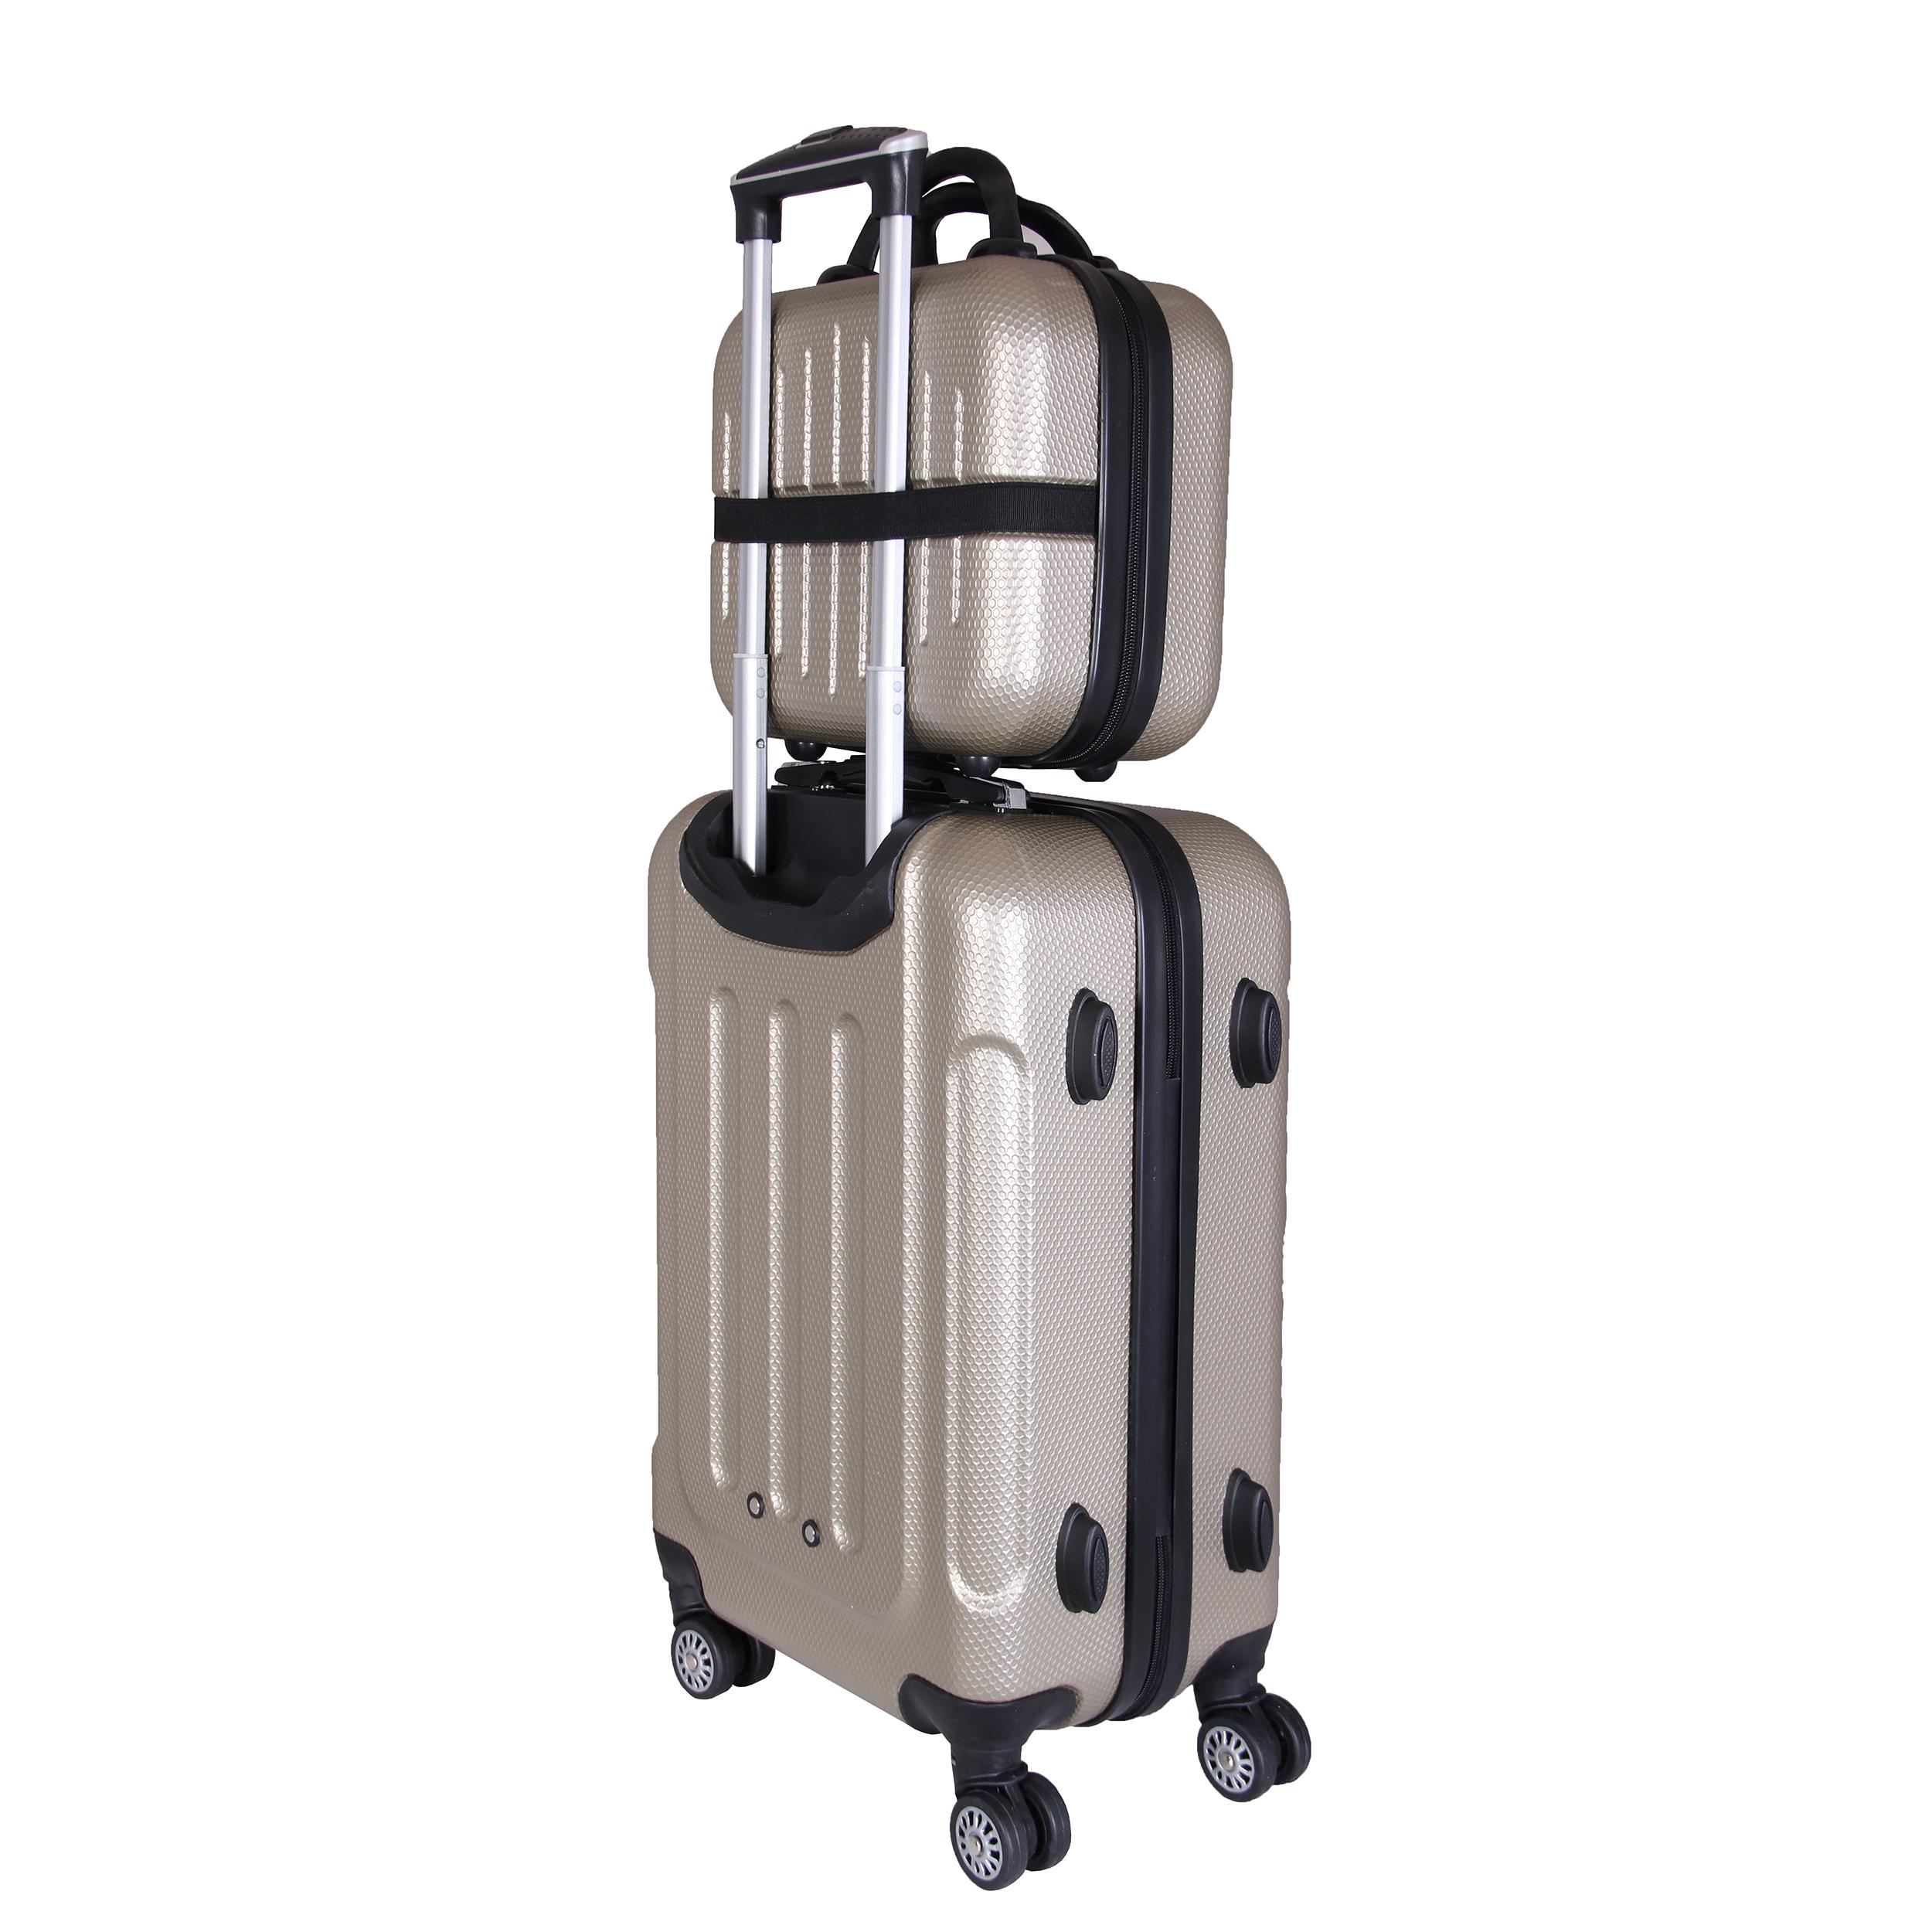 مجموعه چهار عددی چمدان اسپرت من مدل NS001 main 1 41